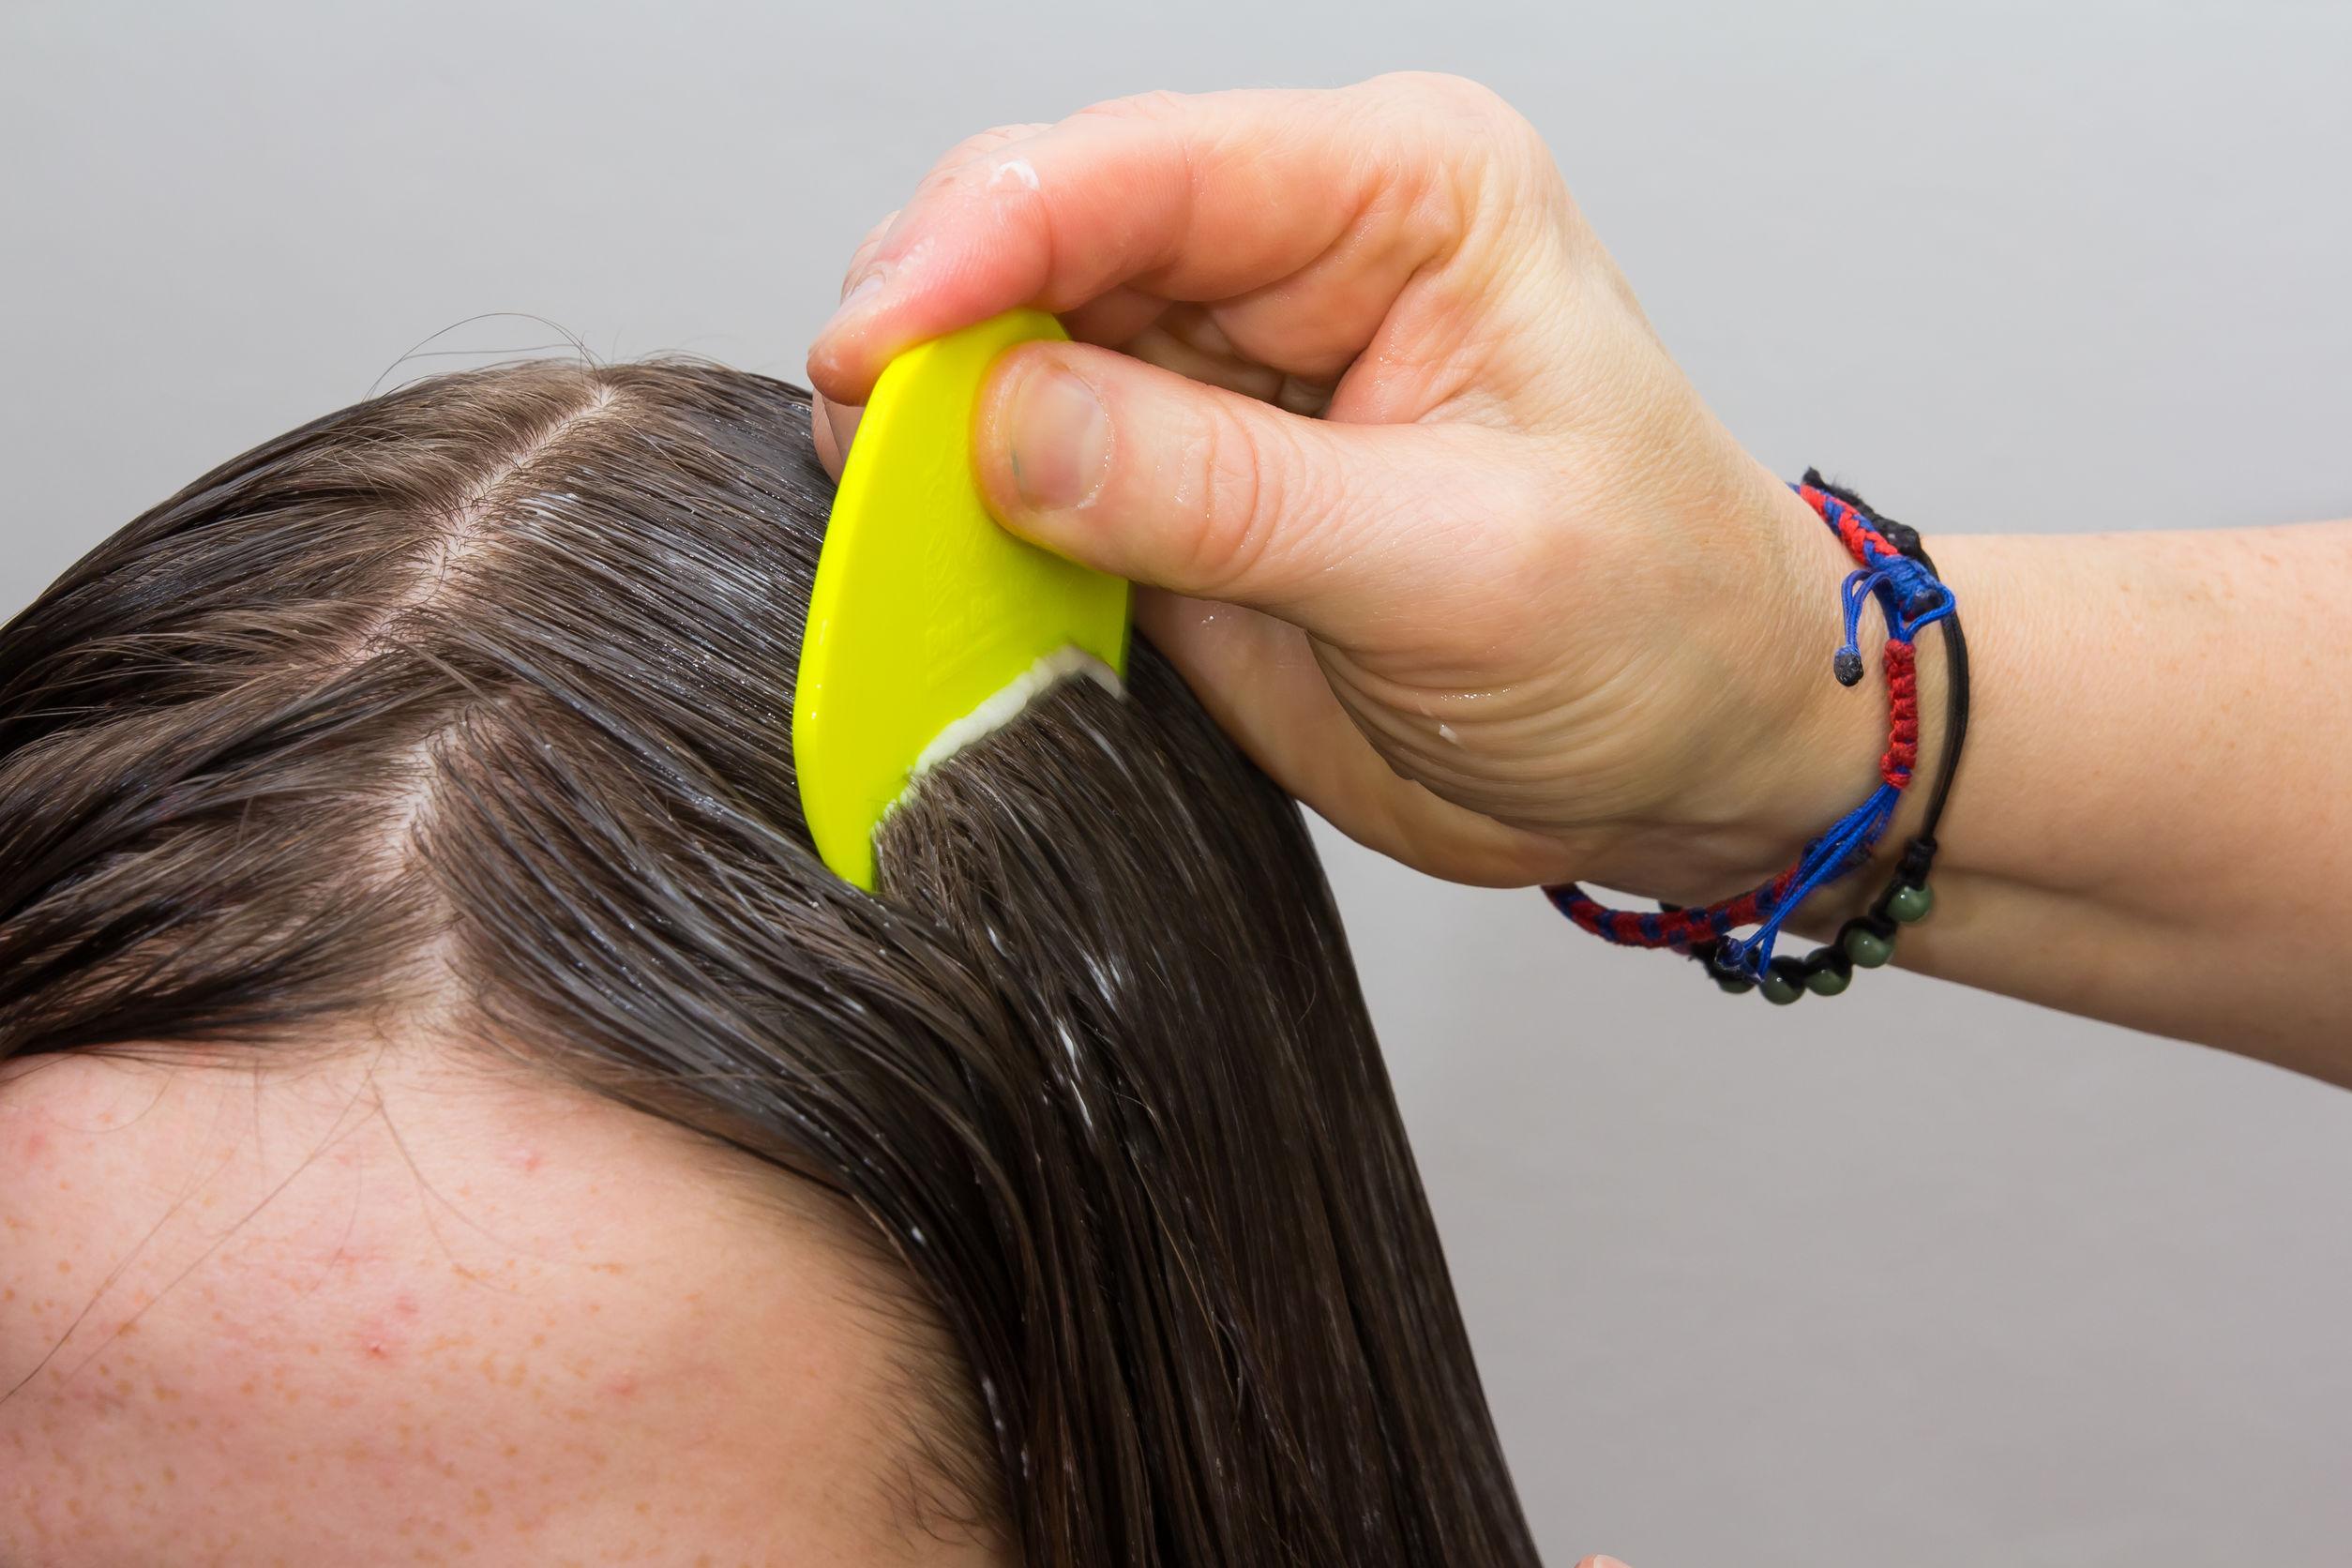 El cabello de las niñas se examina y limpia para detectar piojos